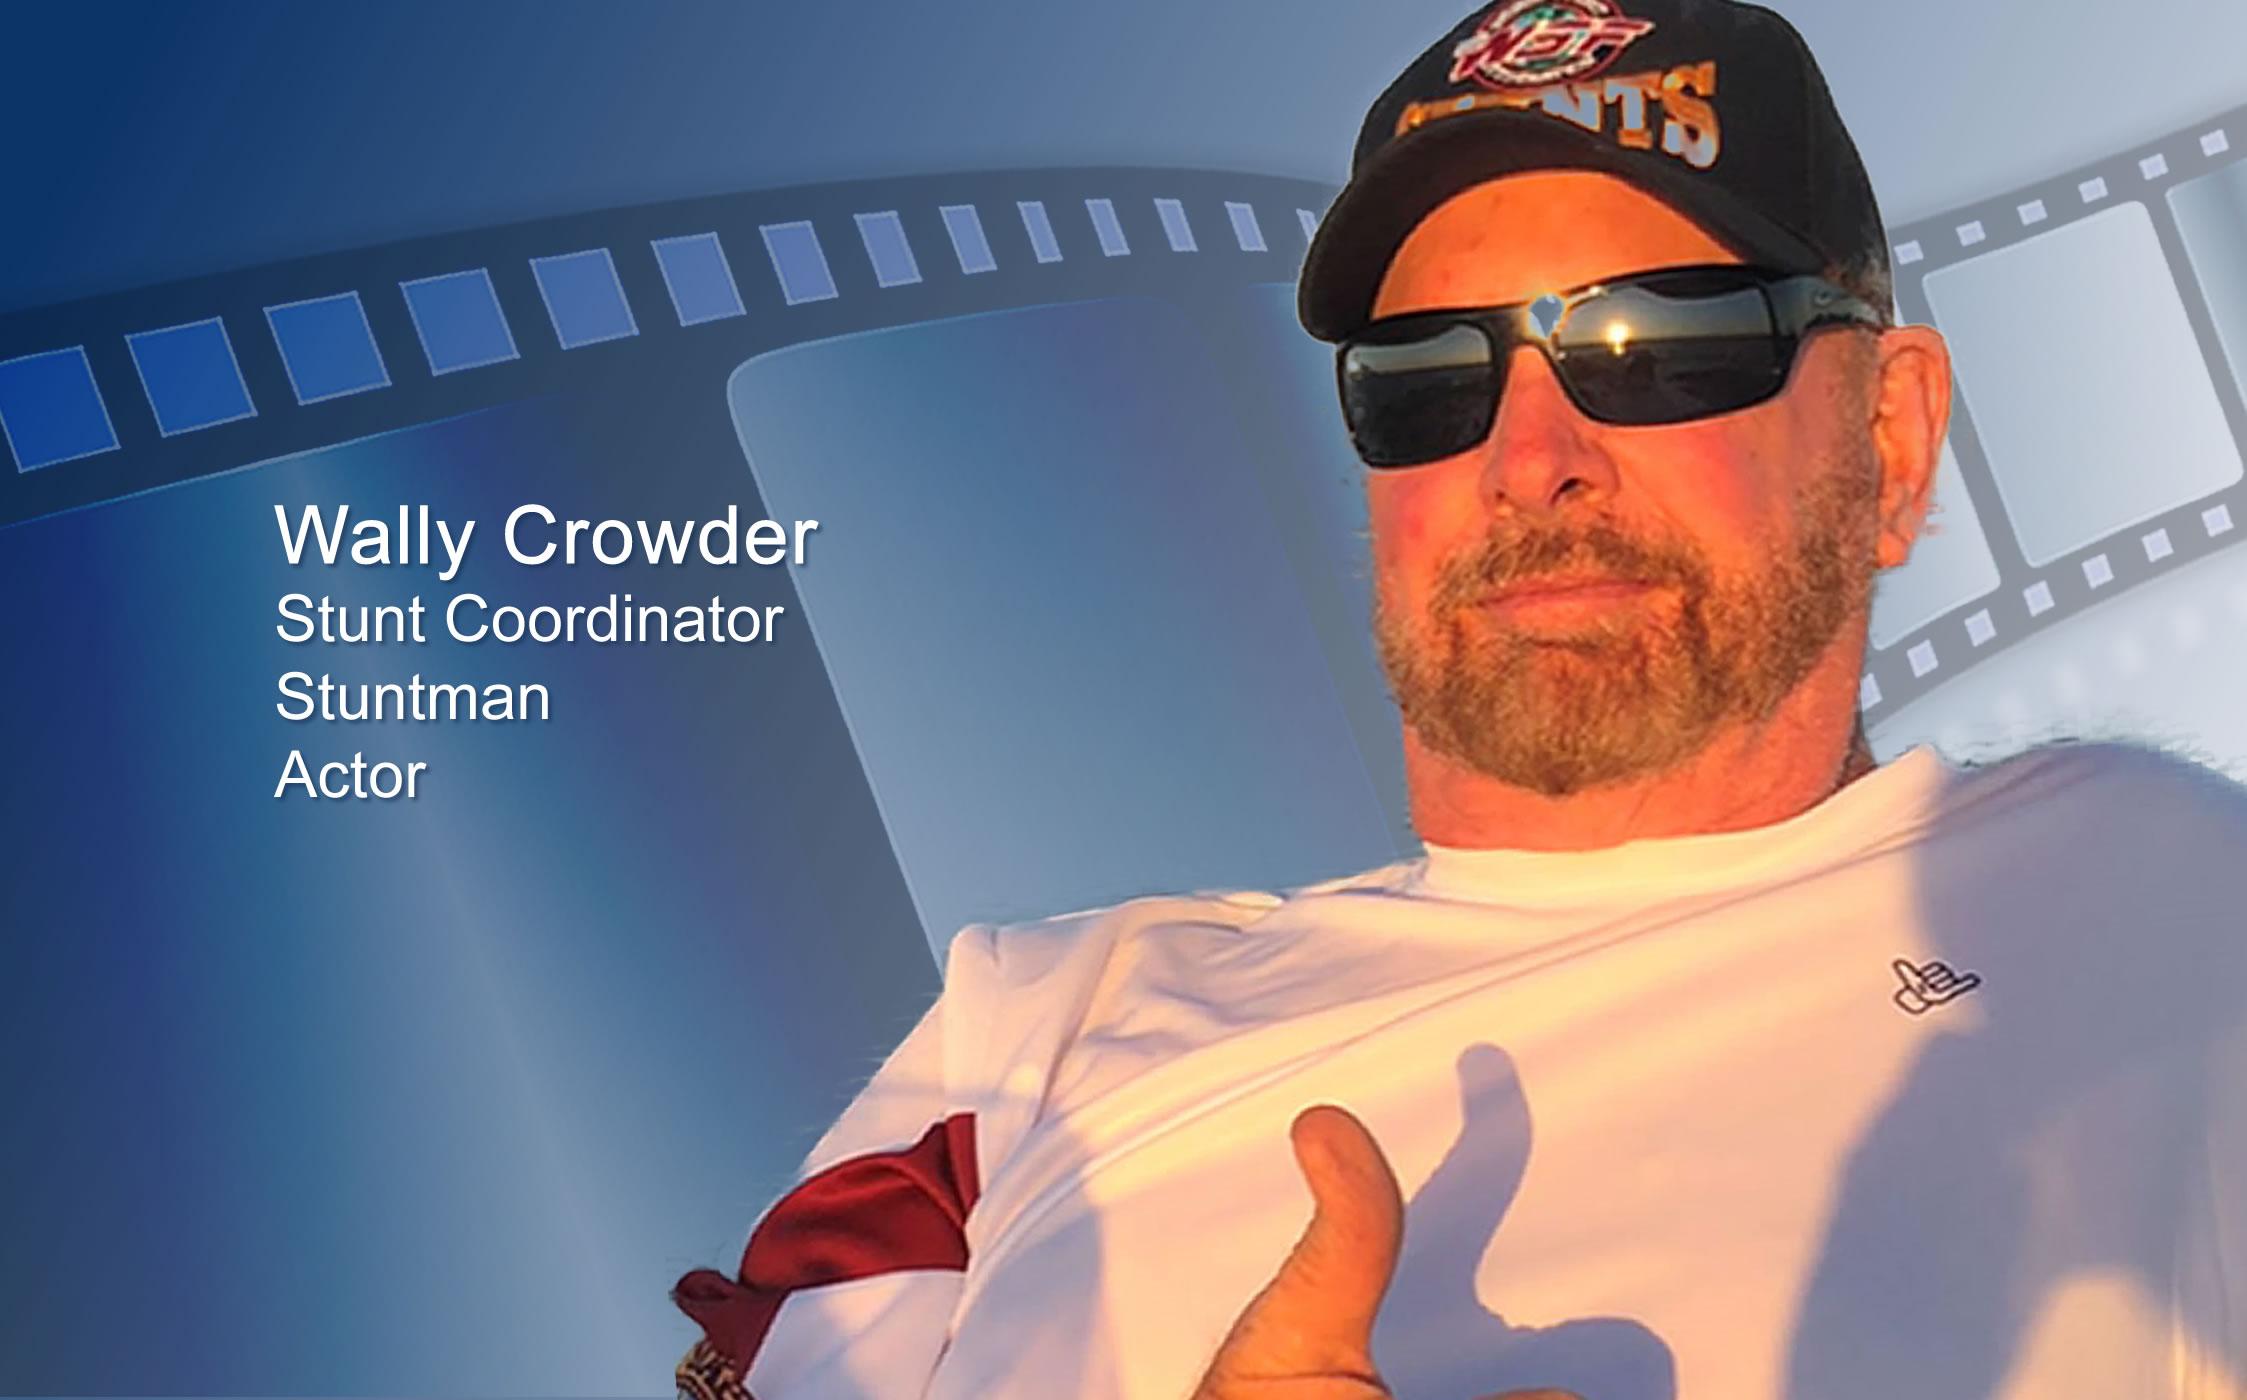 Wally Crowder